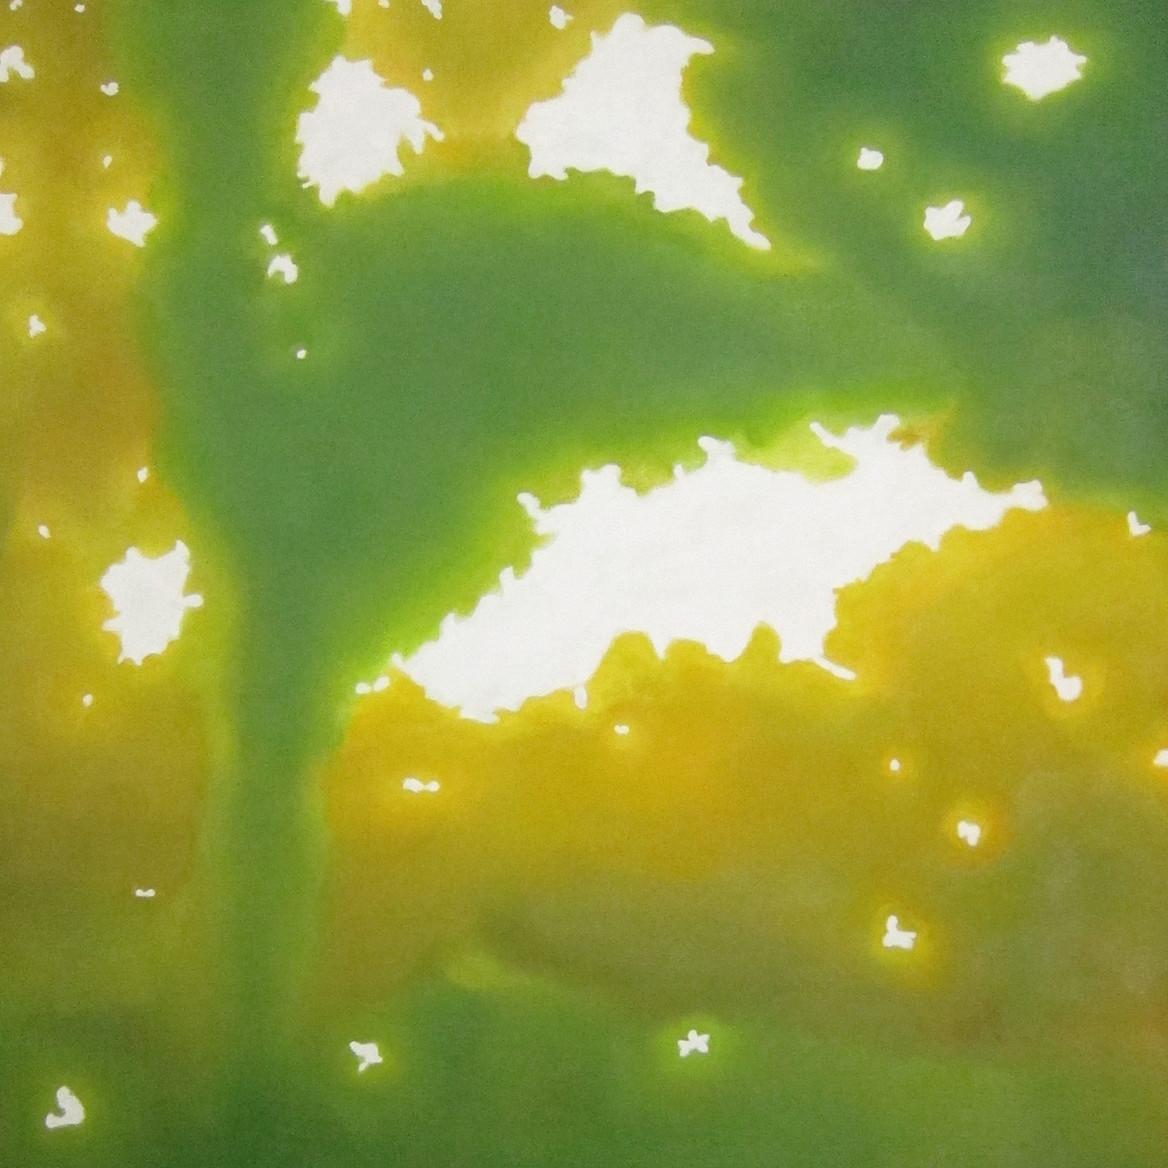 絵画 インテリア アートパネル 雑貨 壁掛け 置物 おしゃれ こもれび 木漏れ日 自然 風景 ロココロ 画家 : 馬見塚喜康 作品 : こもれび-Ⅱ